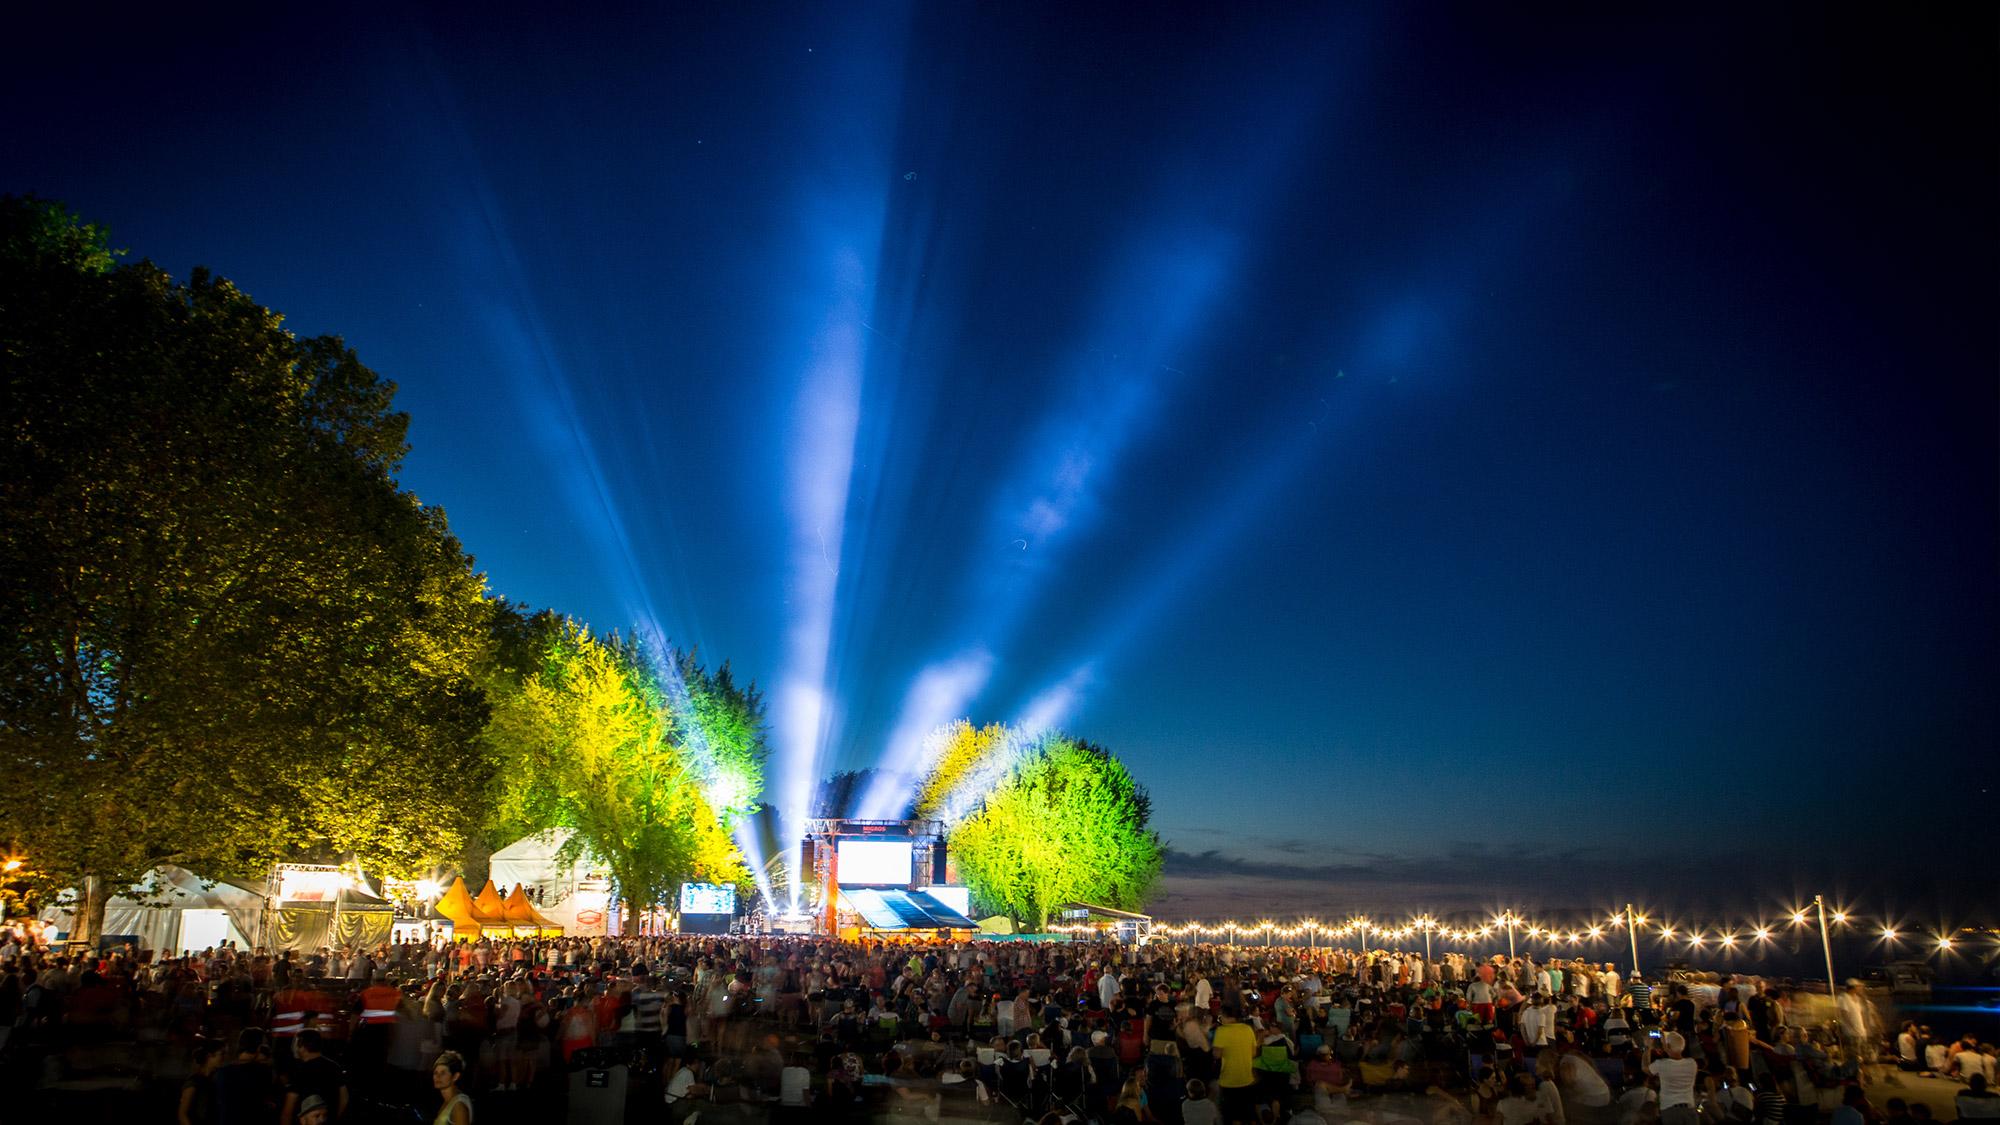 Fast wie Nordlichter: Die Scheinwerfer am SummerDays Festival.